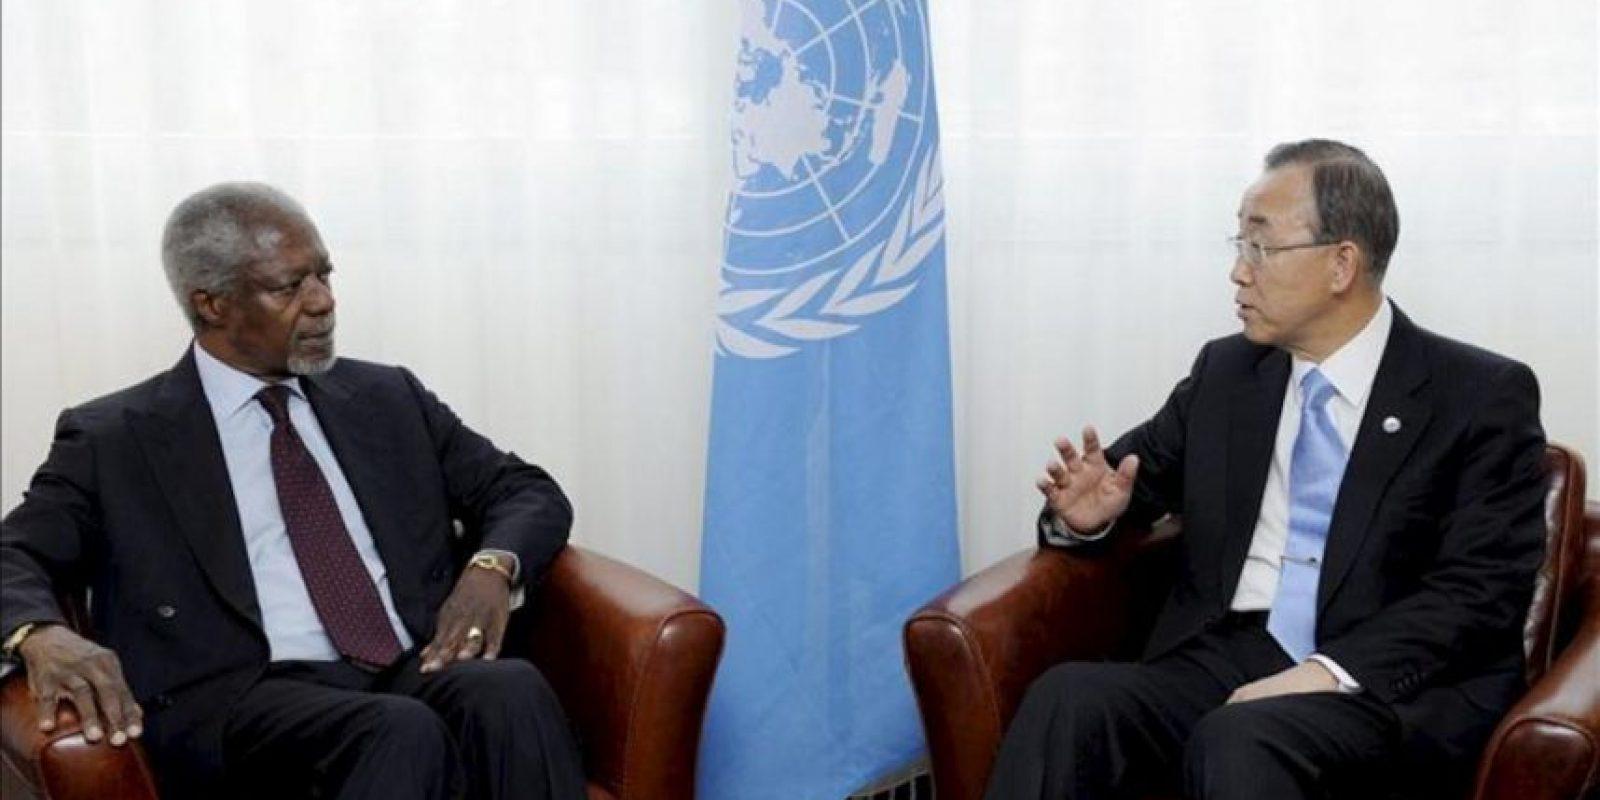 Fotografía cedida por las Naciones Unidas en la que figuran el secretario general de la ONU, Ban Ki-moon (d), y el enviado especial de las Naciones Unidas y la Liga Árabe, Kofi Annan, durante una reunión en Ginebra hoy. EFE/Evan Schneider